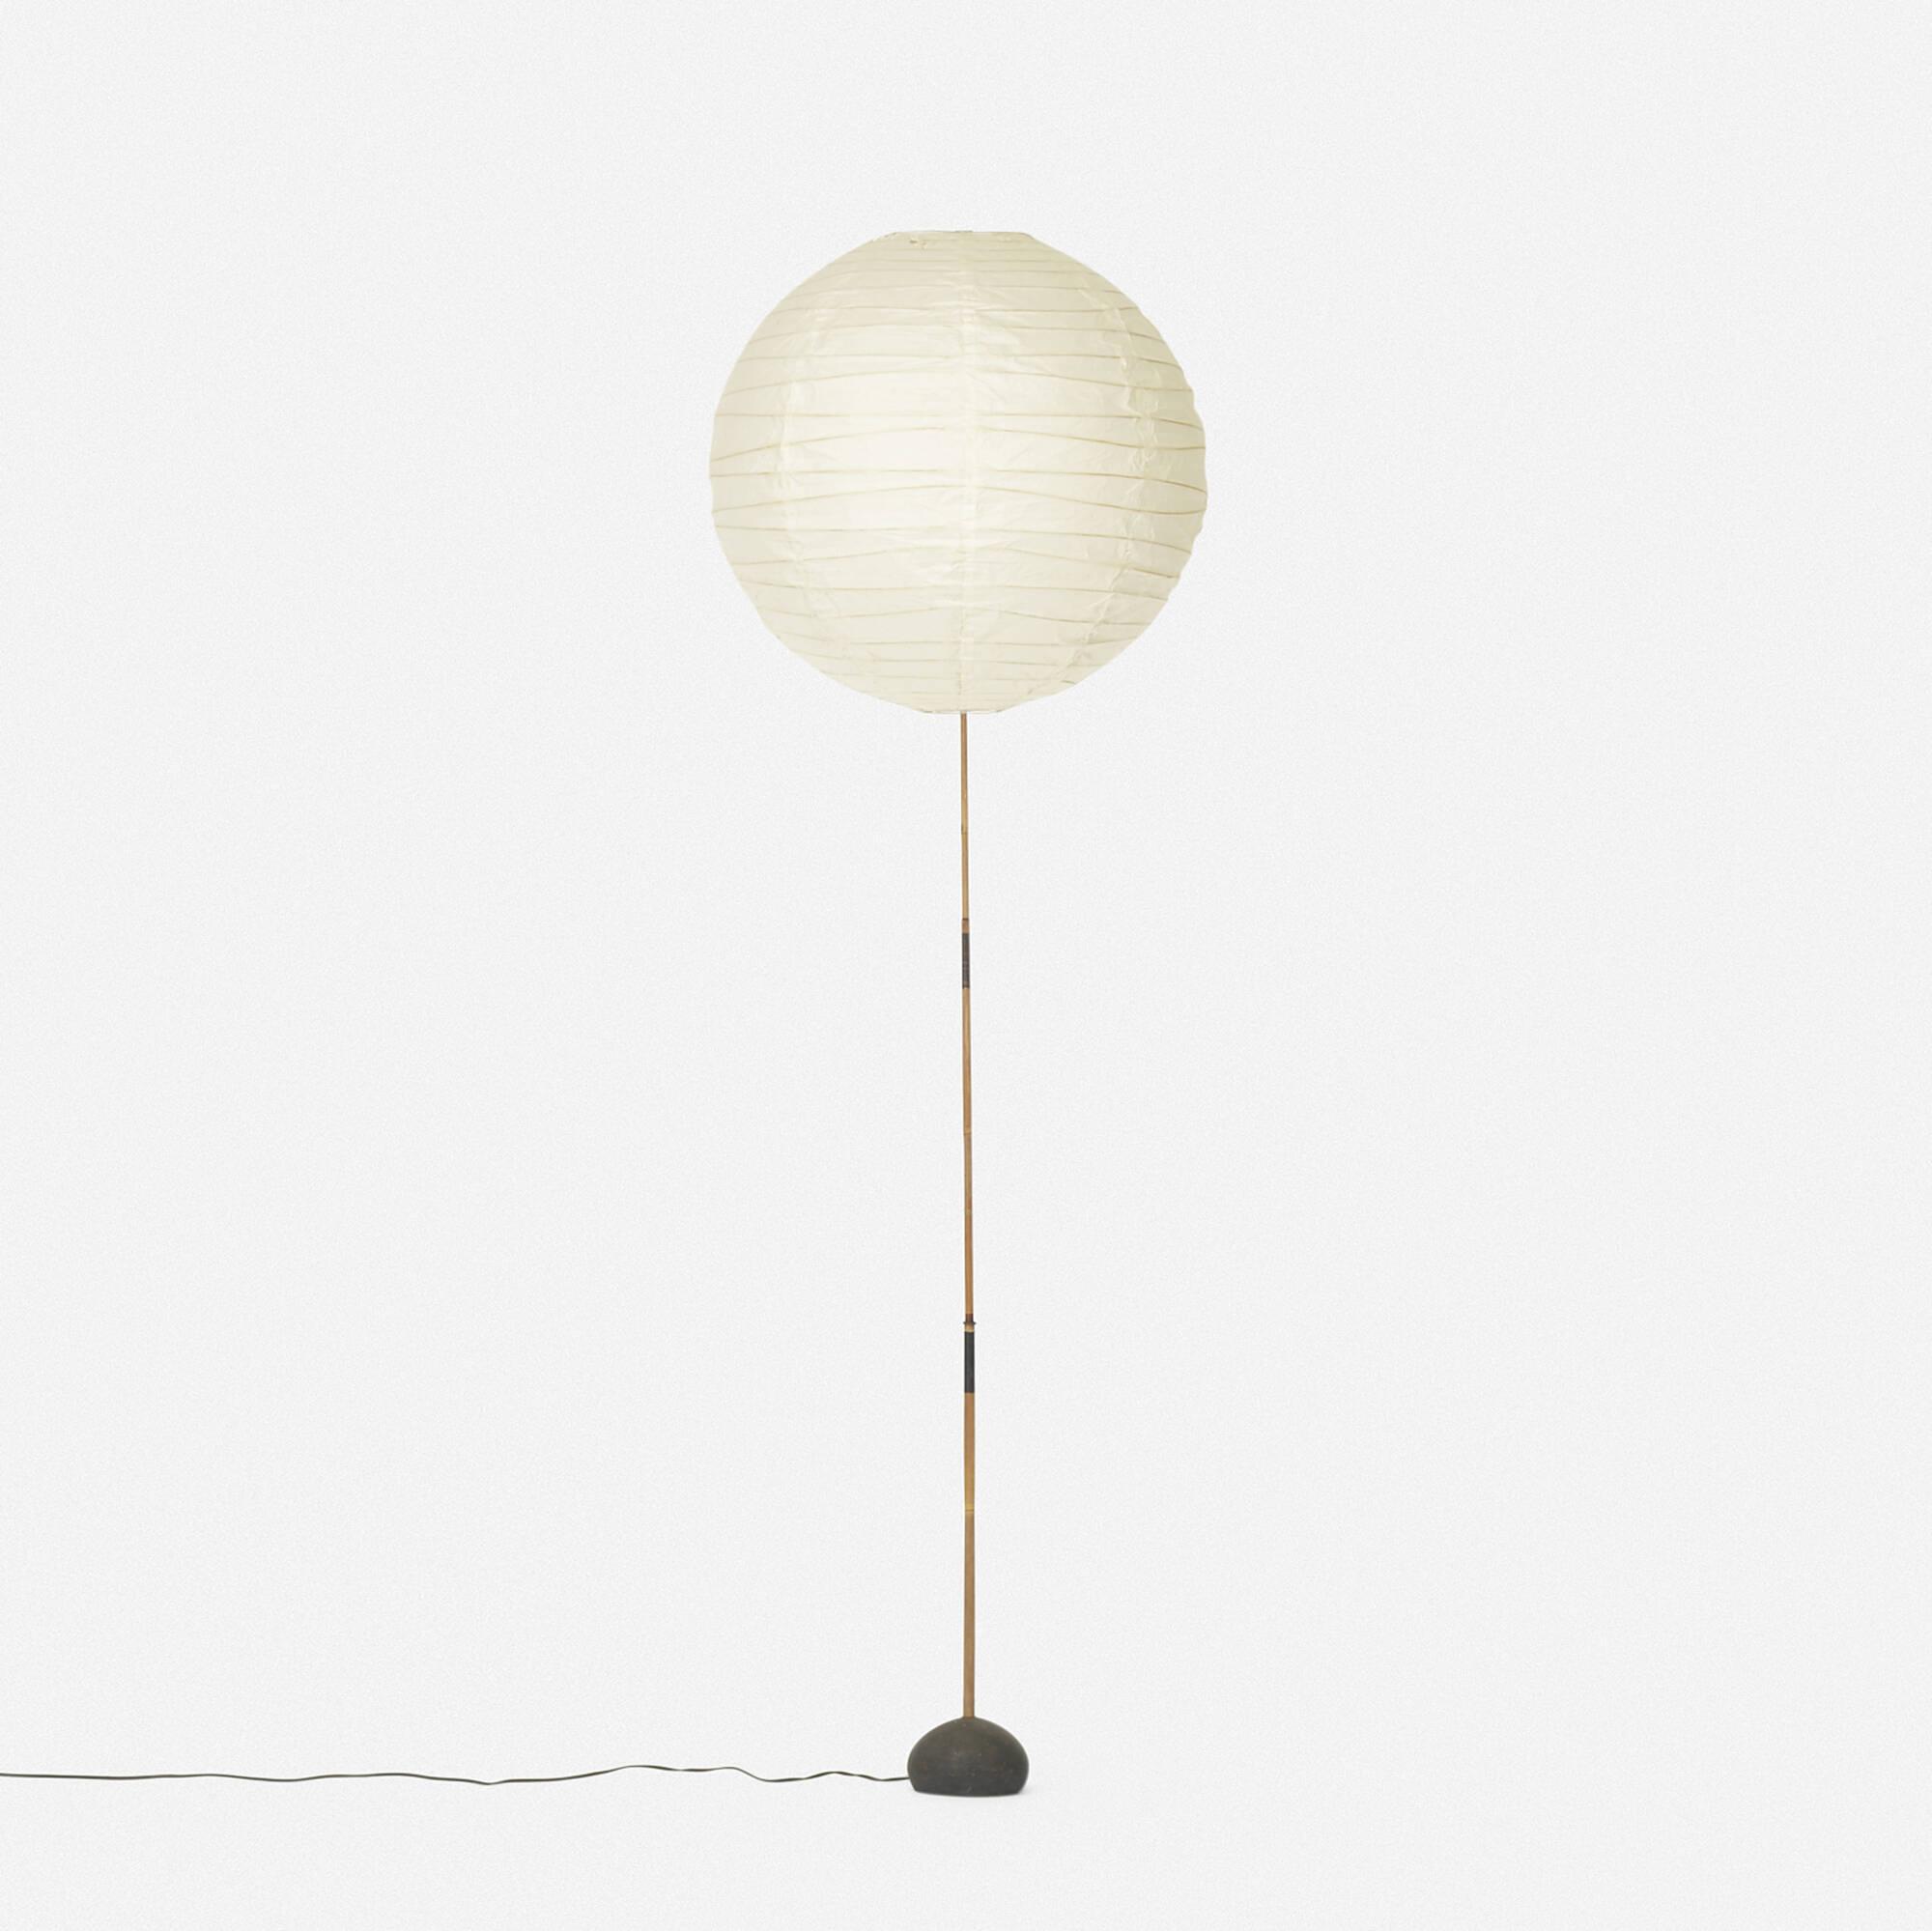 489 Isamu Noguchi Akari Floor Lamp Model Bb 55dd 1 Of